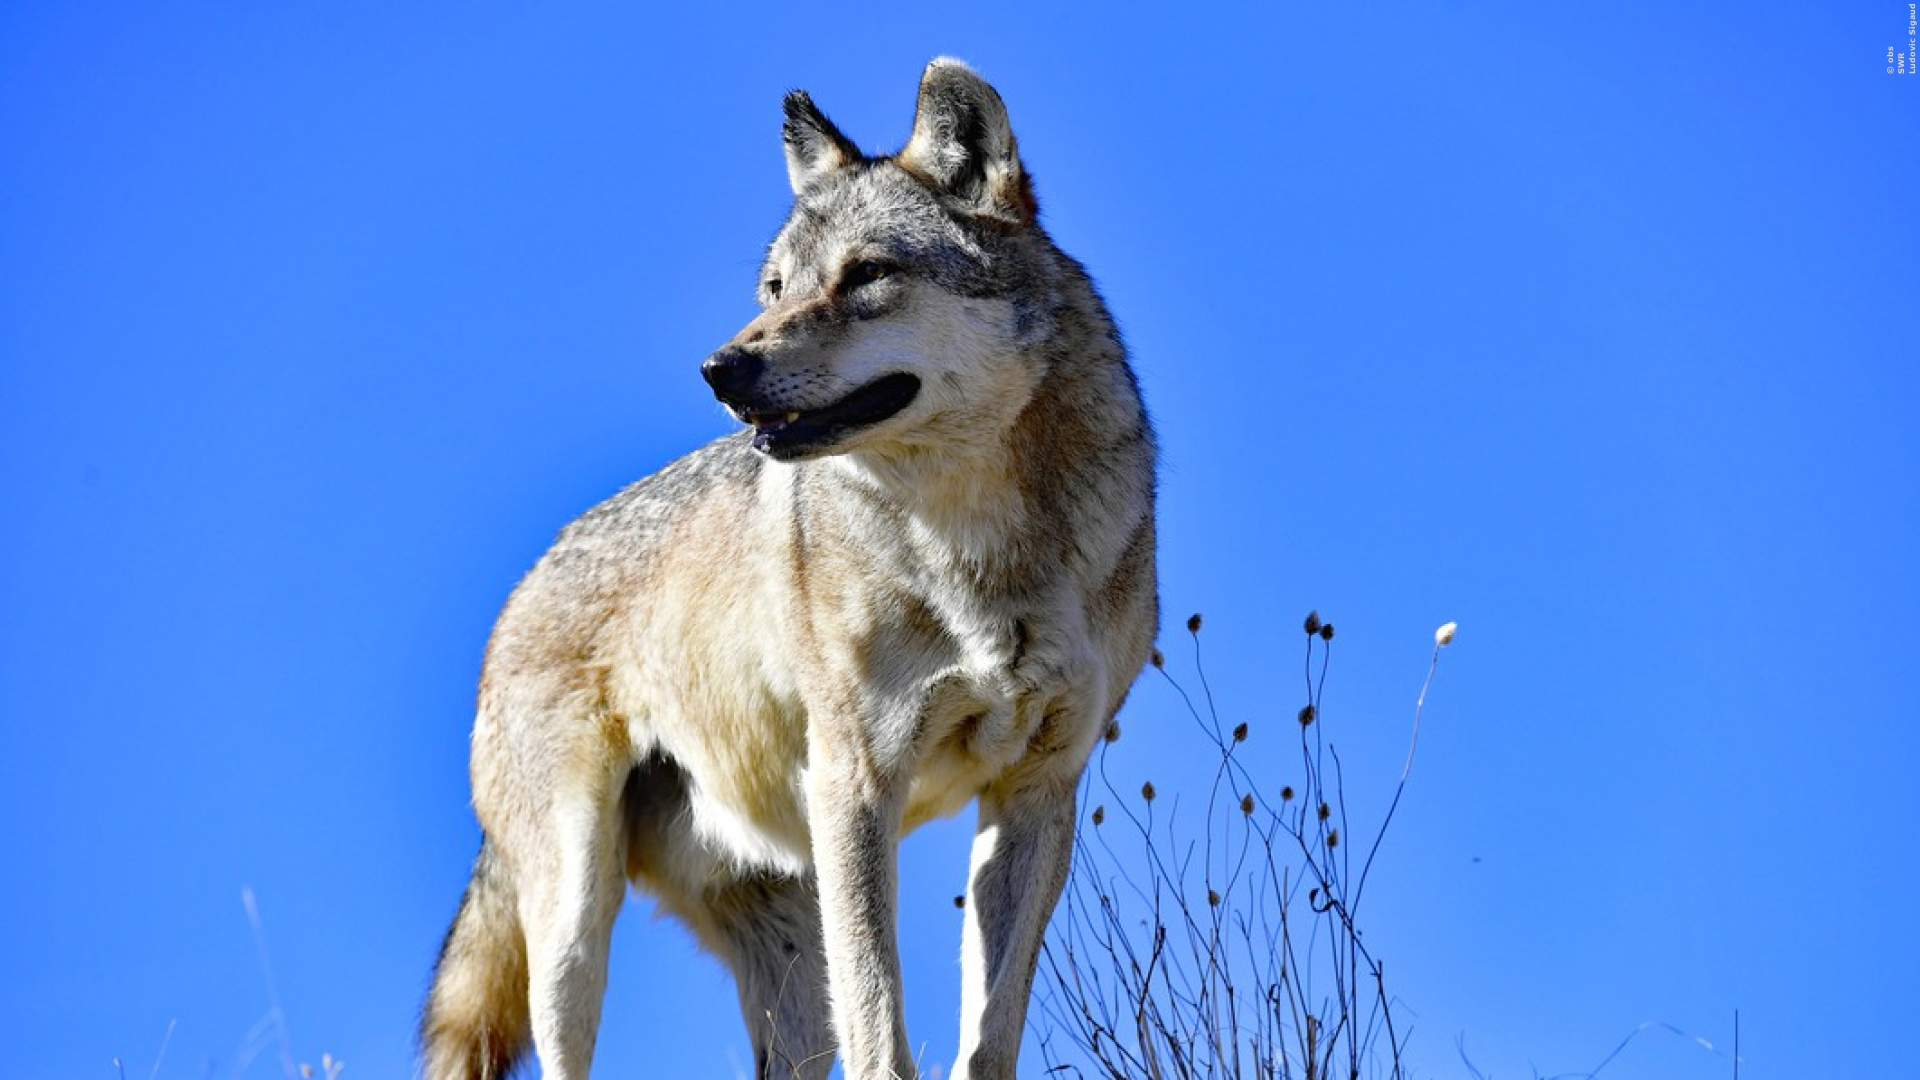 'Die unglaubliche Reise der Wanderwölfe' - TV-Doku